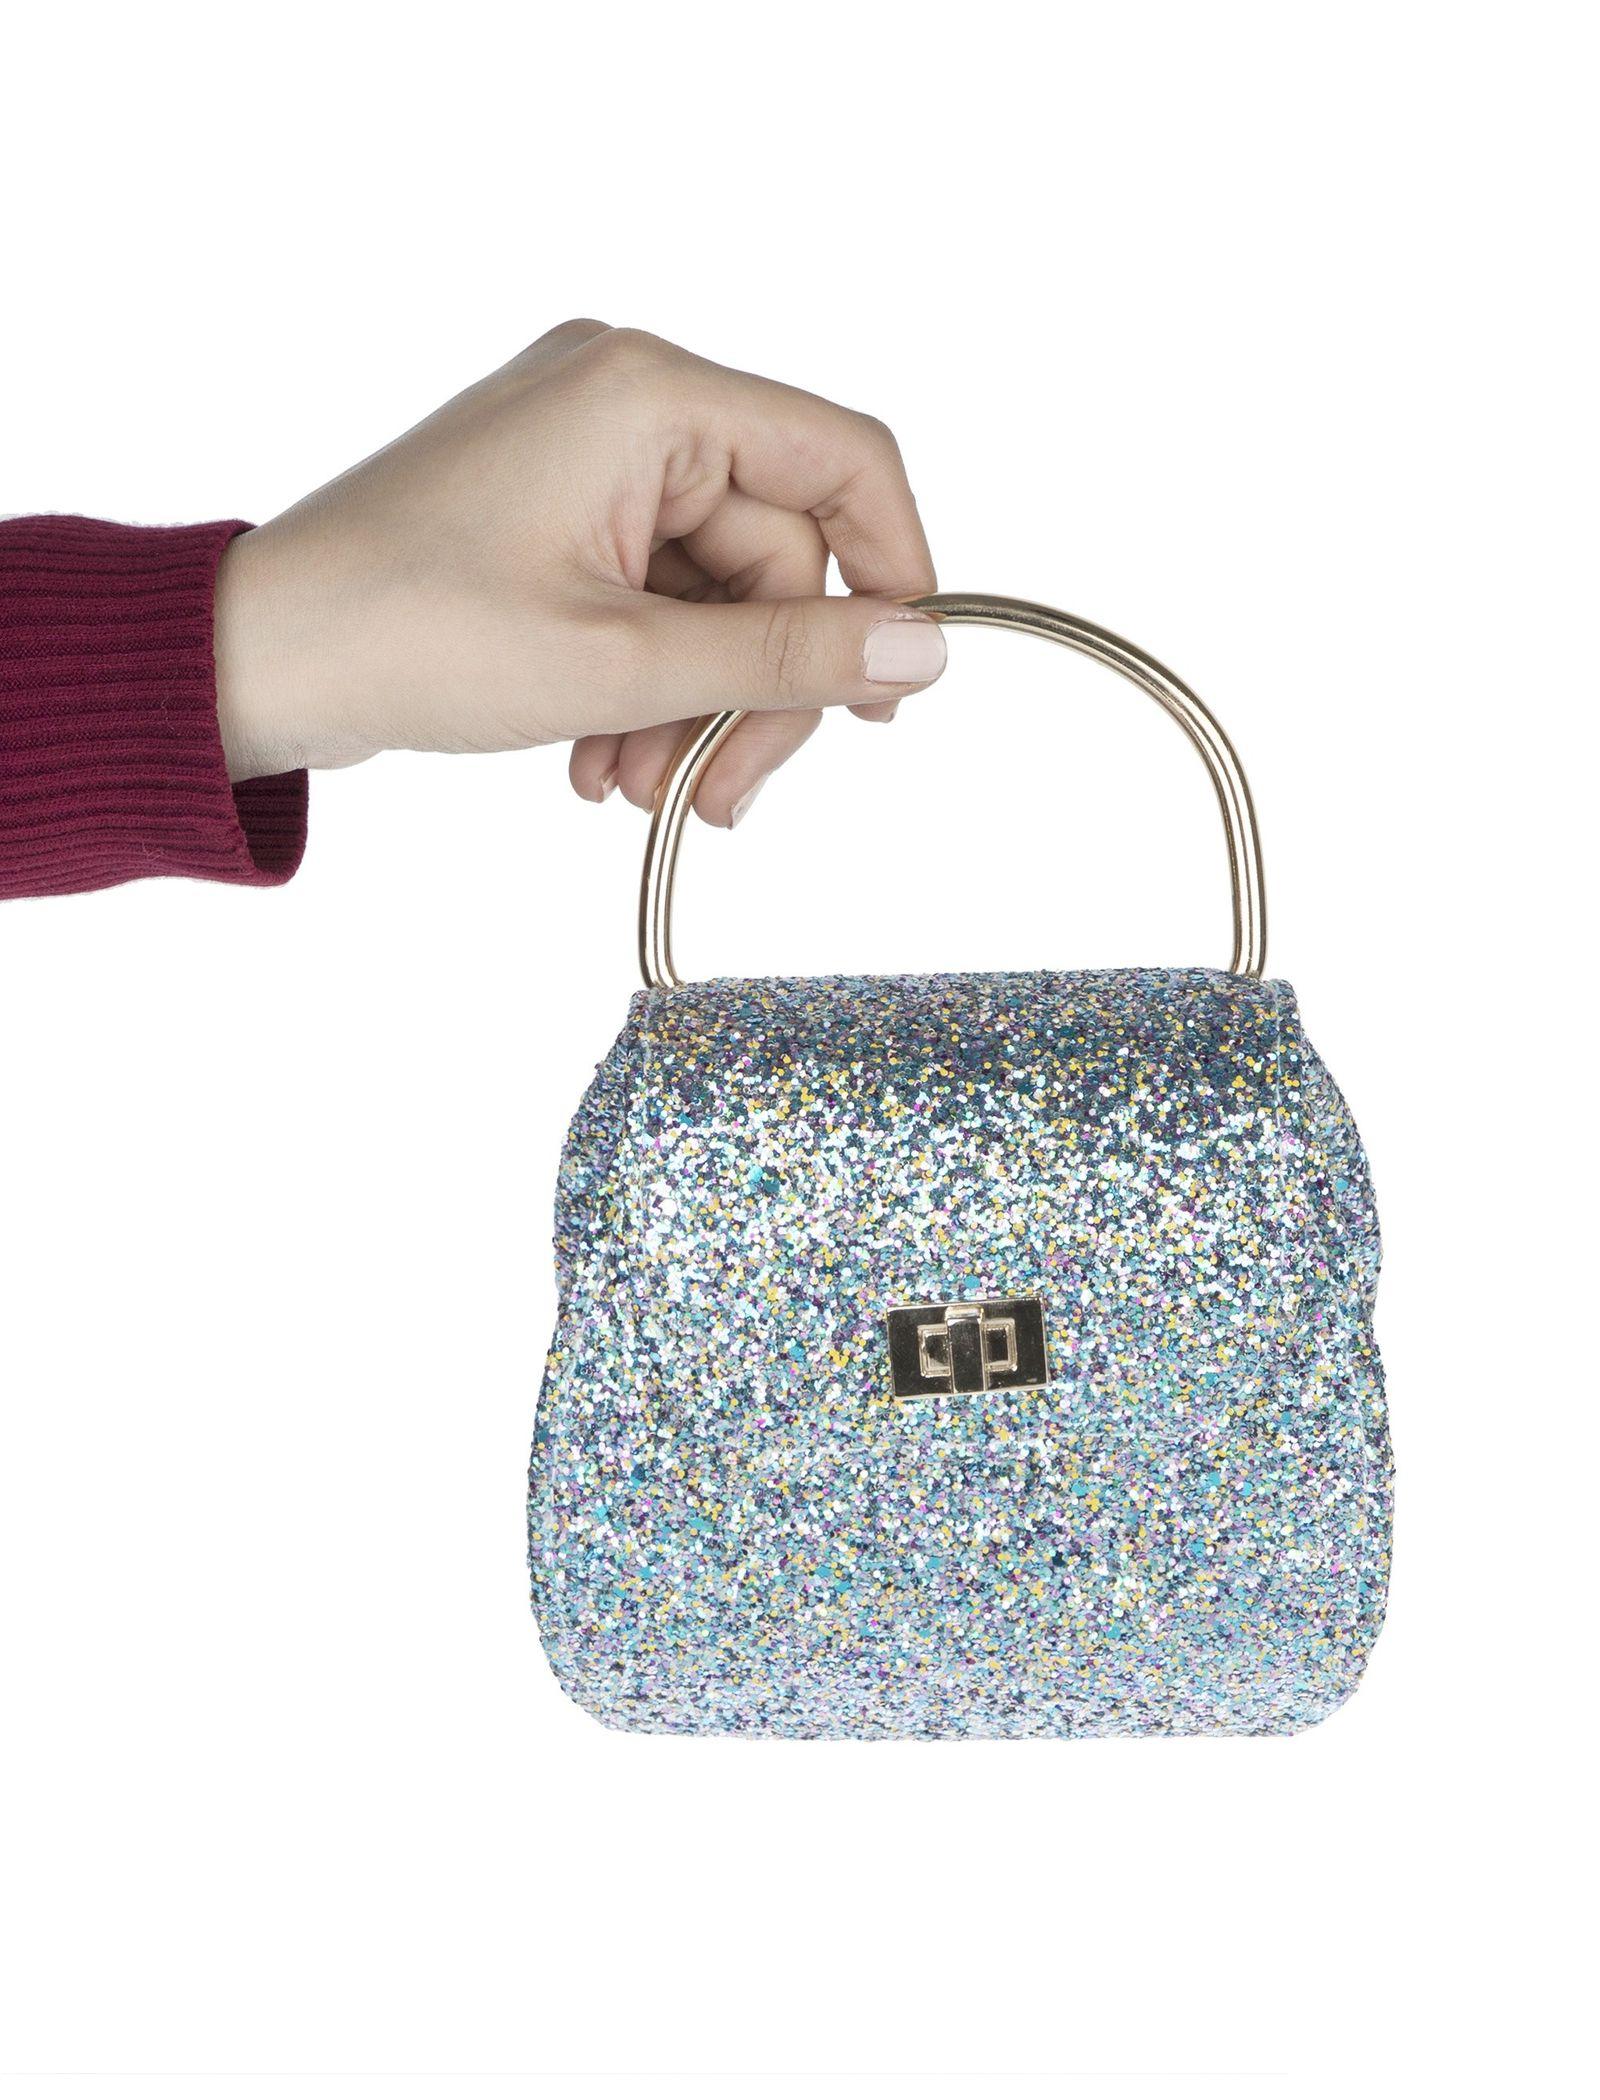 کیف دستی دخترانه - مانسون چیلدرن - آبي - 8